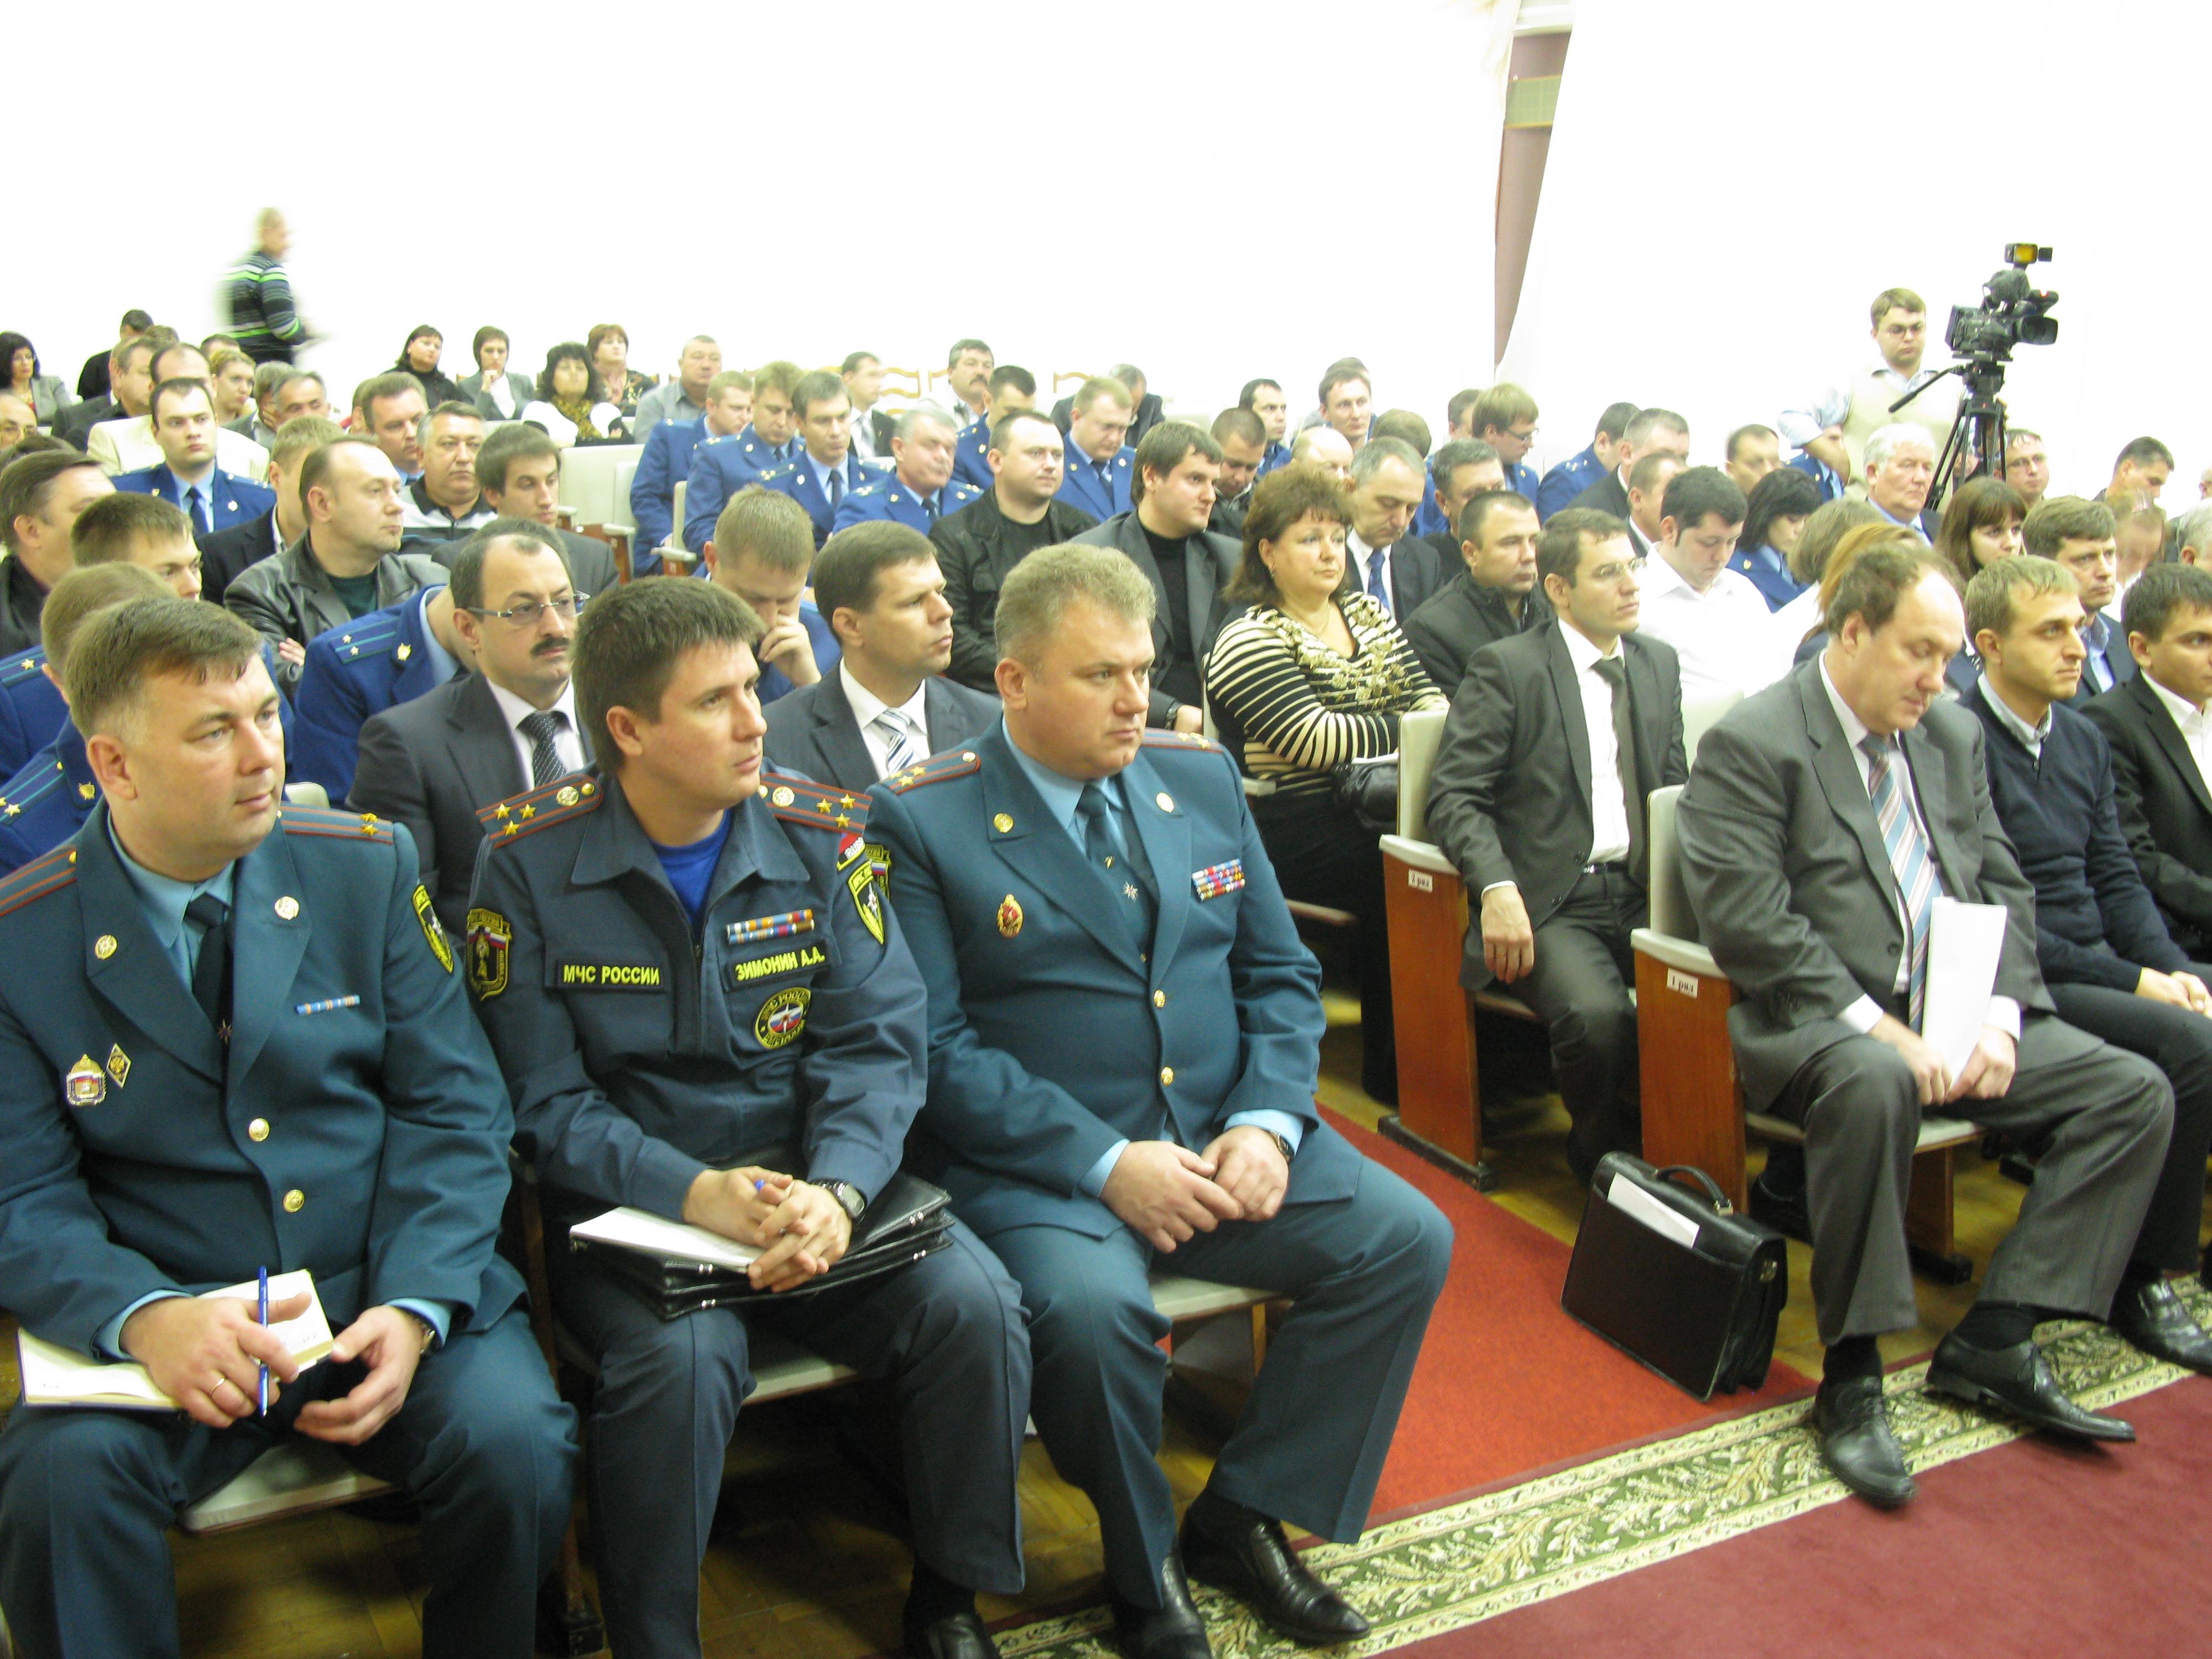 Специалисты управления надзорной деятельности приняли участие в работе Общественного совета при прокуратуре края